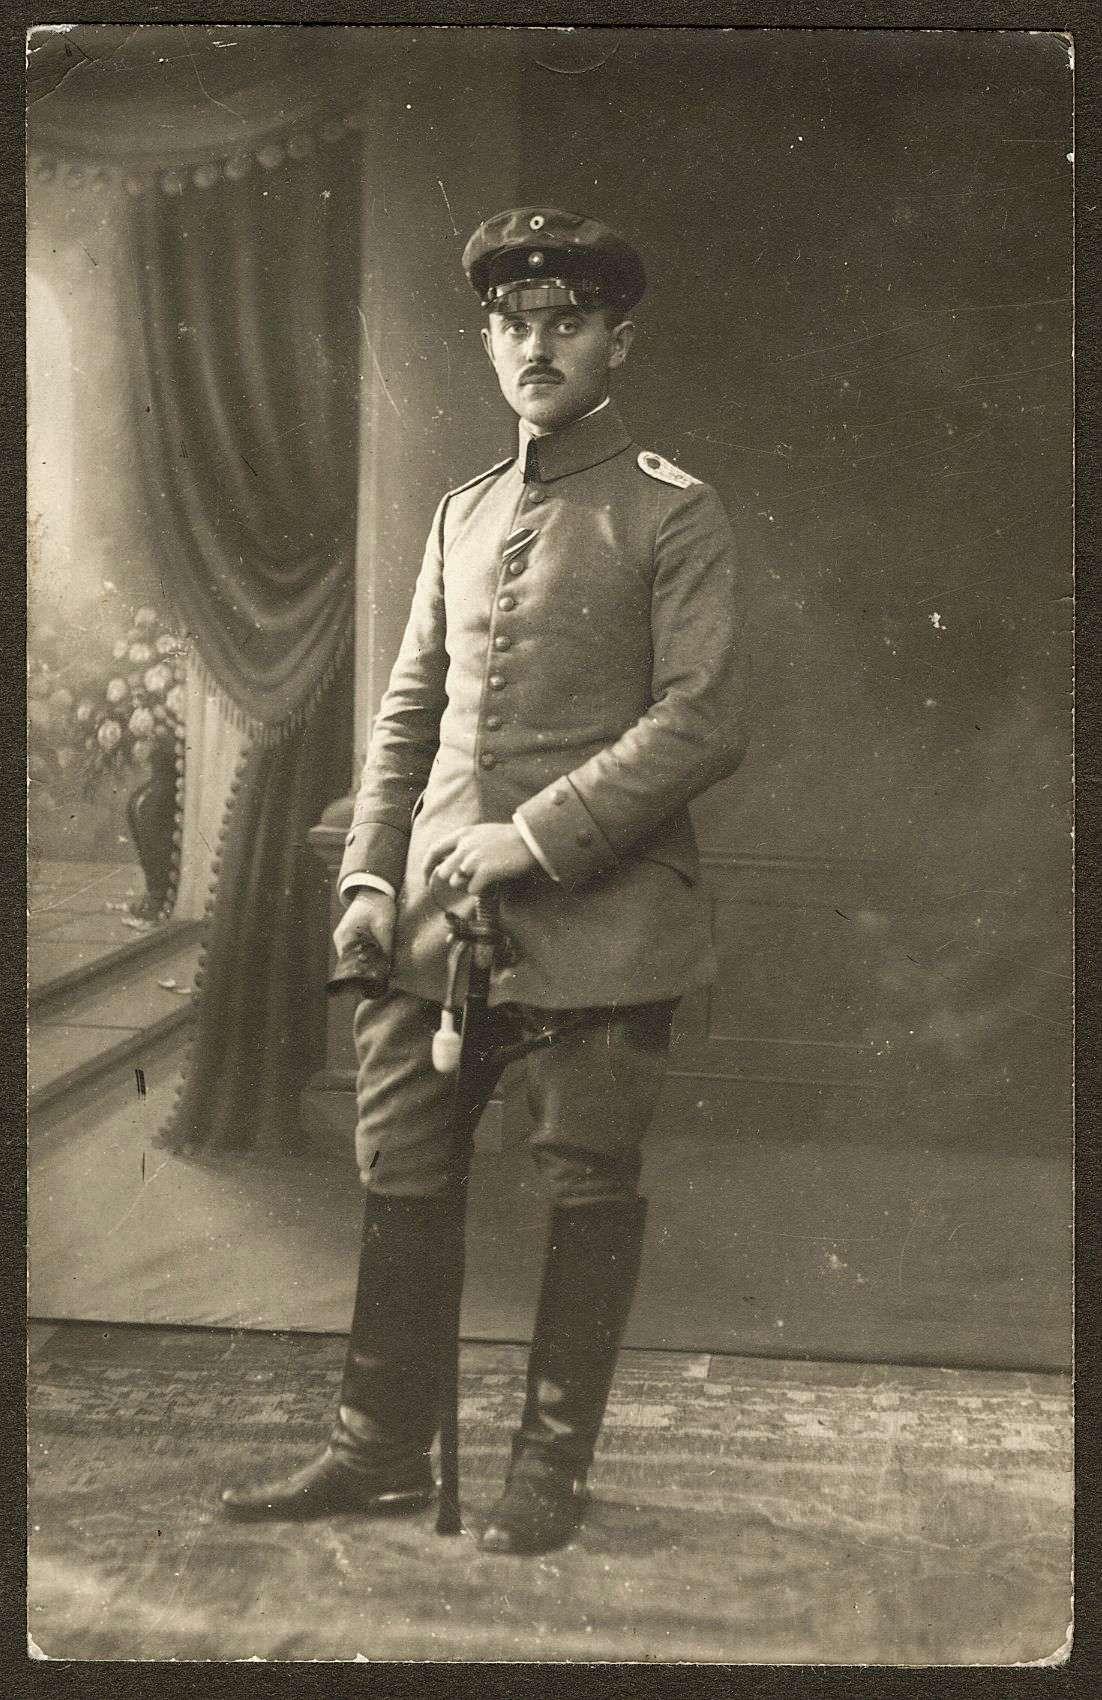 Kriegbaum, Alfred, Bild 1